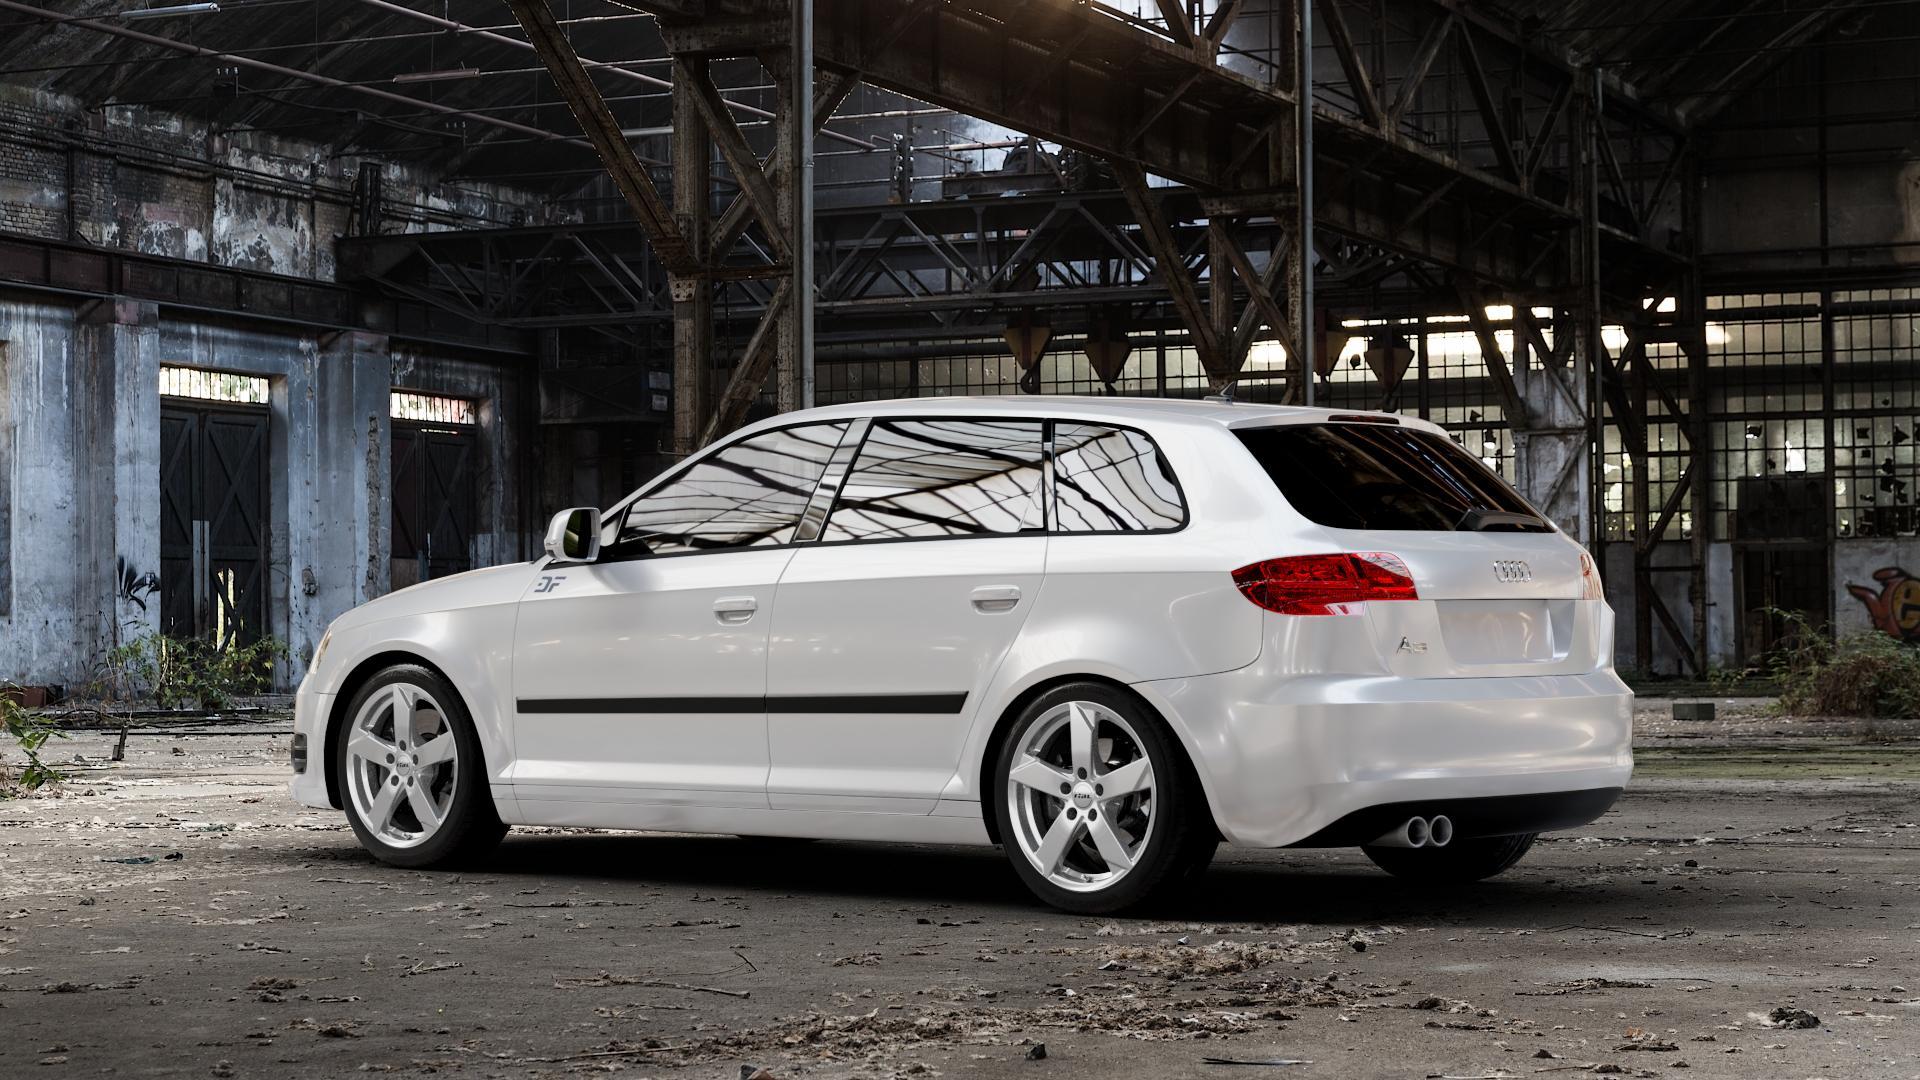 RIAL Kodiak polar-silber Felge mit Reifen in 17Zoll Winterfelge Alufelge auf weissem Audi A3 Typ 8P (Sportback) 1,6l 75kW (102 PS) 2,0l FSI 110kW (150 1,9l TDI 77kW (105 103kW (140 TFSI 147kW (200 85kW (116 100kW (136 1,8l 118kW (160 125kW (170 1,4l 92kW (125 120kW (163 quattro 3,2l V6 184kW (250 S3 195kW (265 1,2l 66kW (90 18